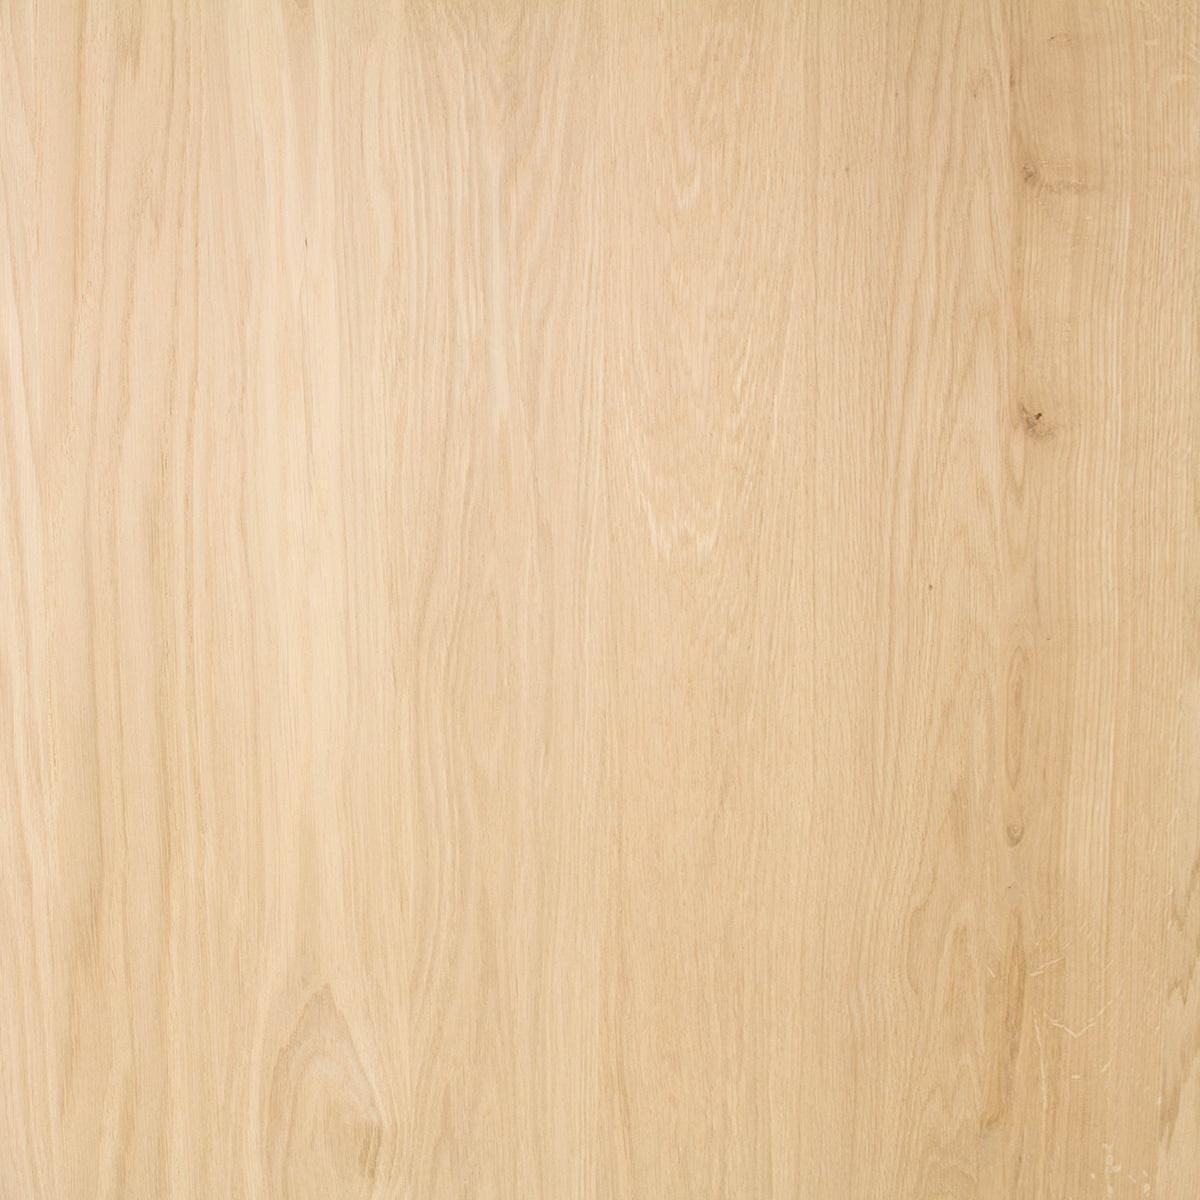 Arbeitsplatte Eiche massiv - 4 cm dick - 122x140-300 cm - Eichenholz A-Qualität - Massivholz - Verleimt & künstlich getrocknet (HF 8-12%)